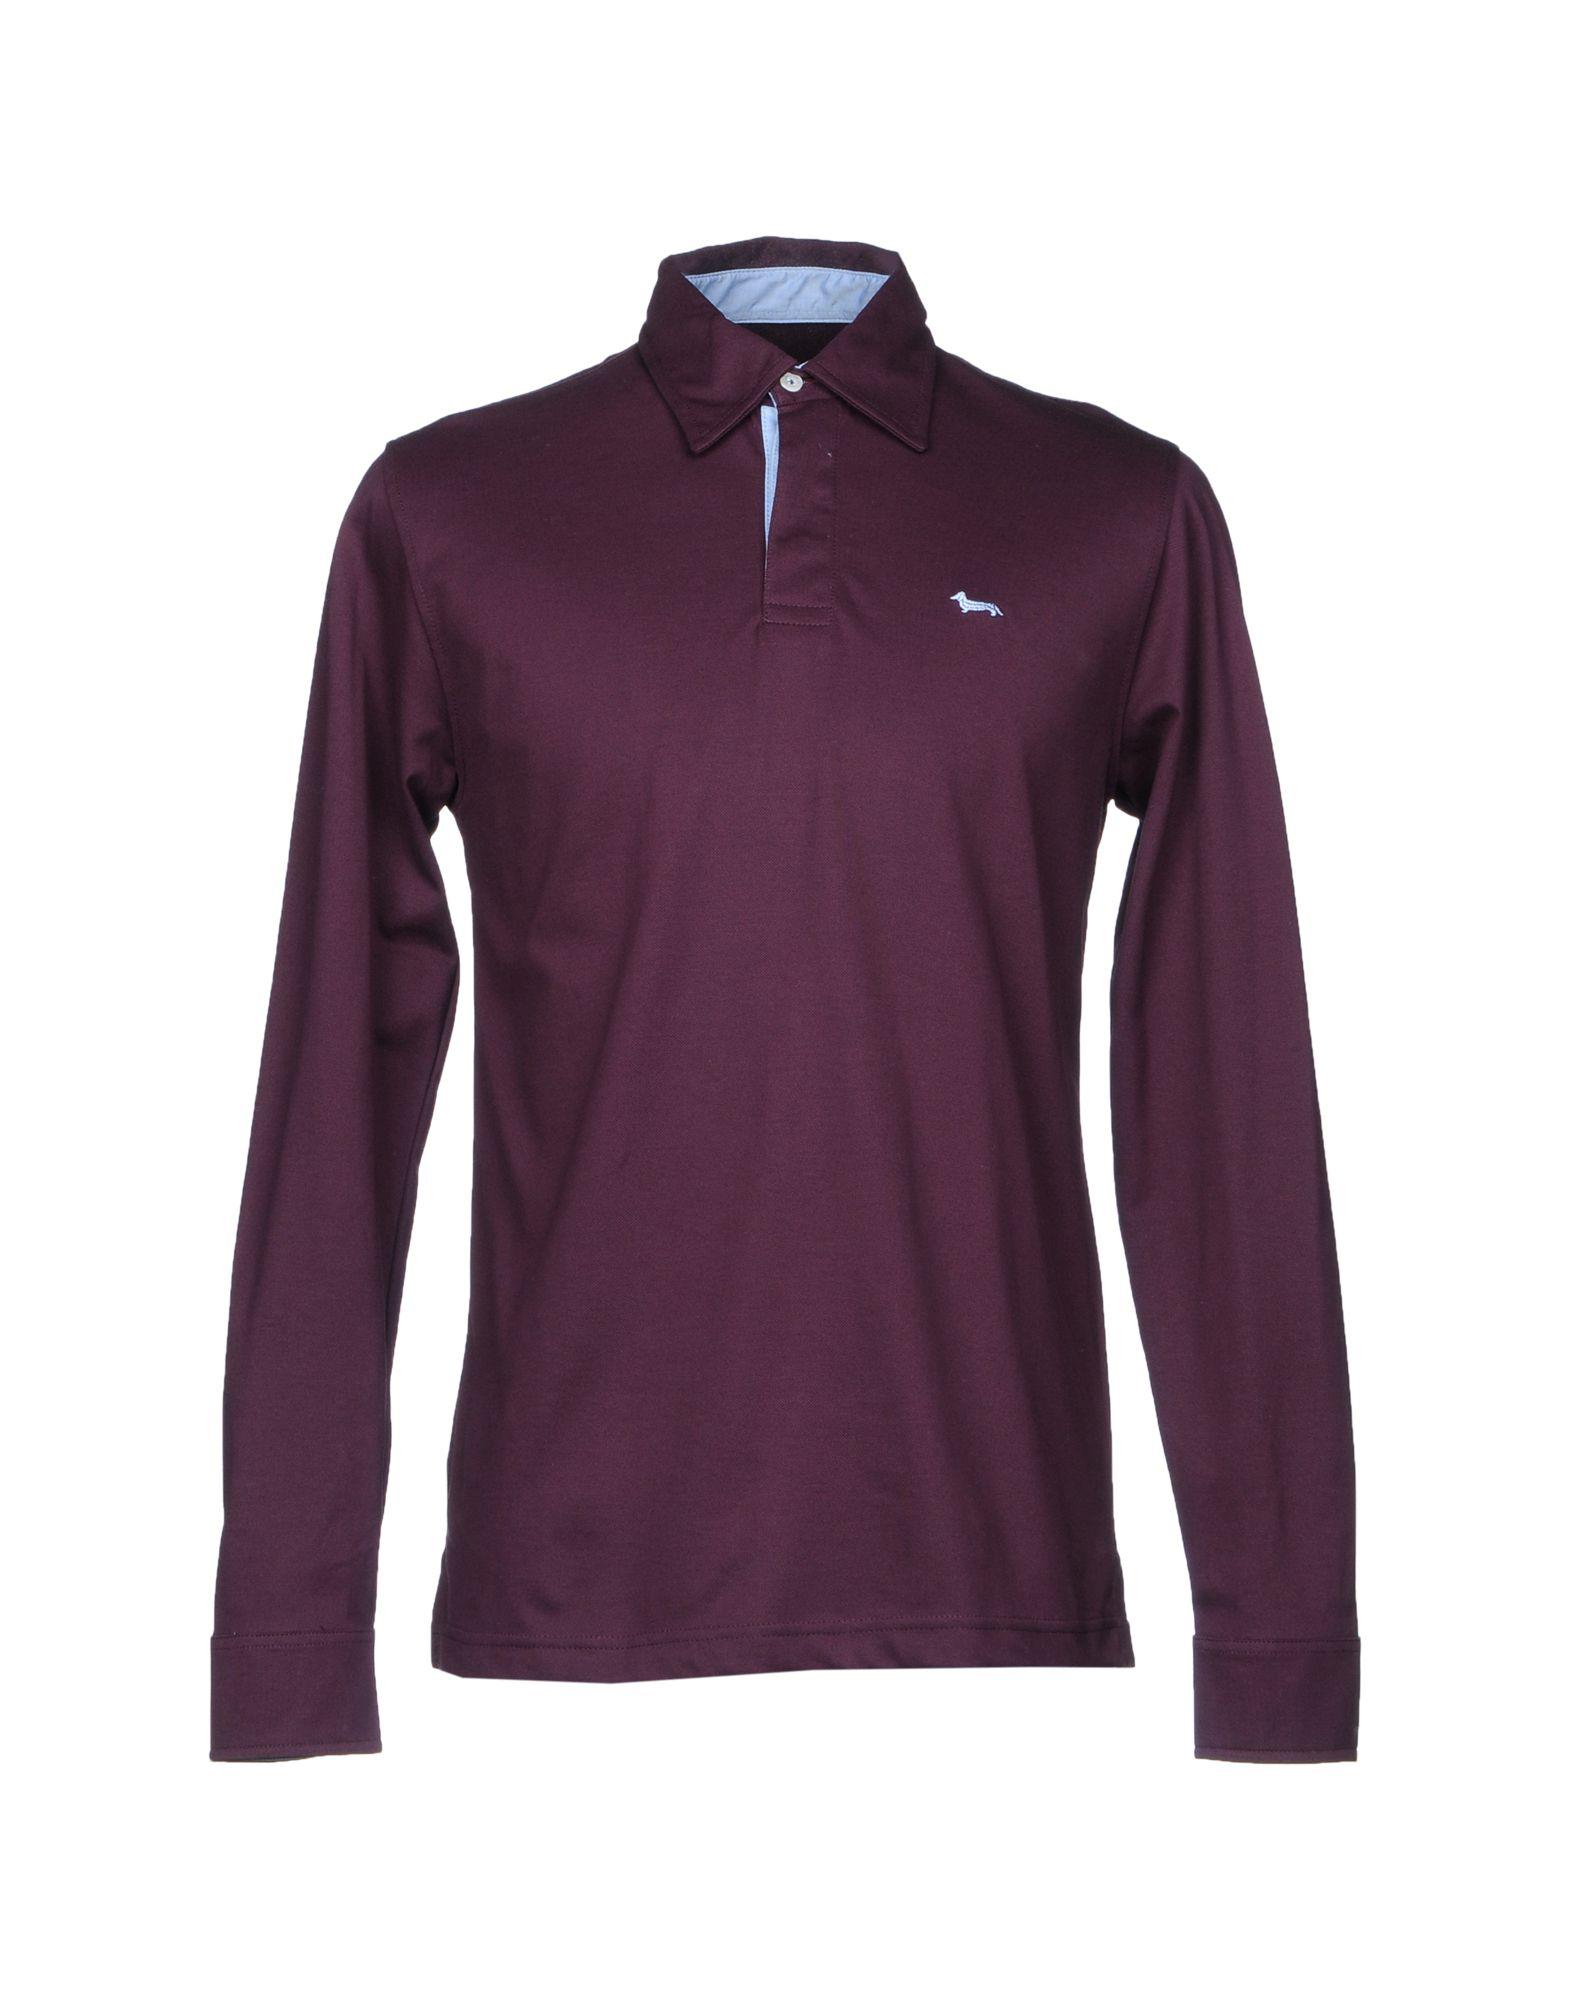 HARMONT&BLAINE Herren Poloshirt Farbe Pflaume Größe 9 jetztbilligerkaufen